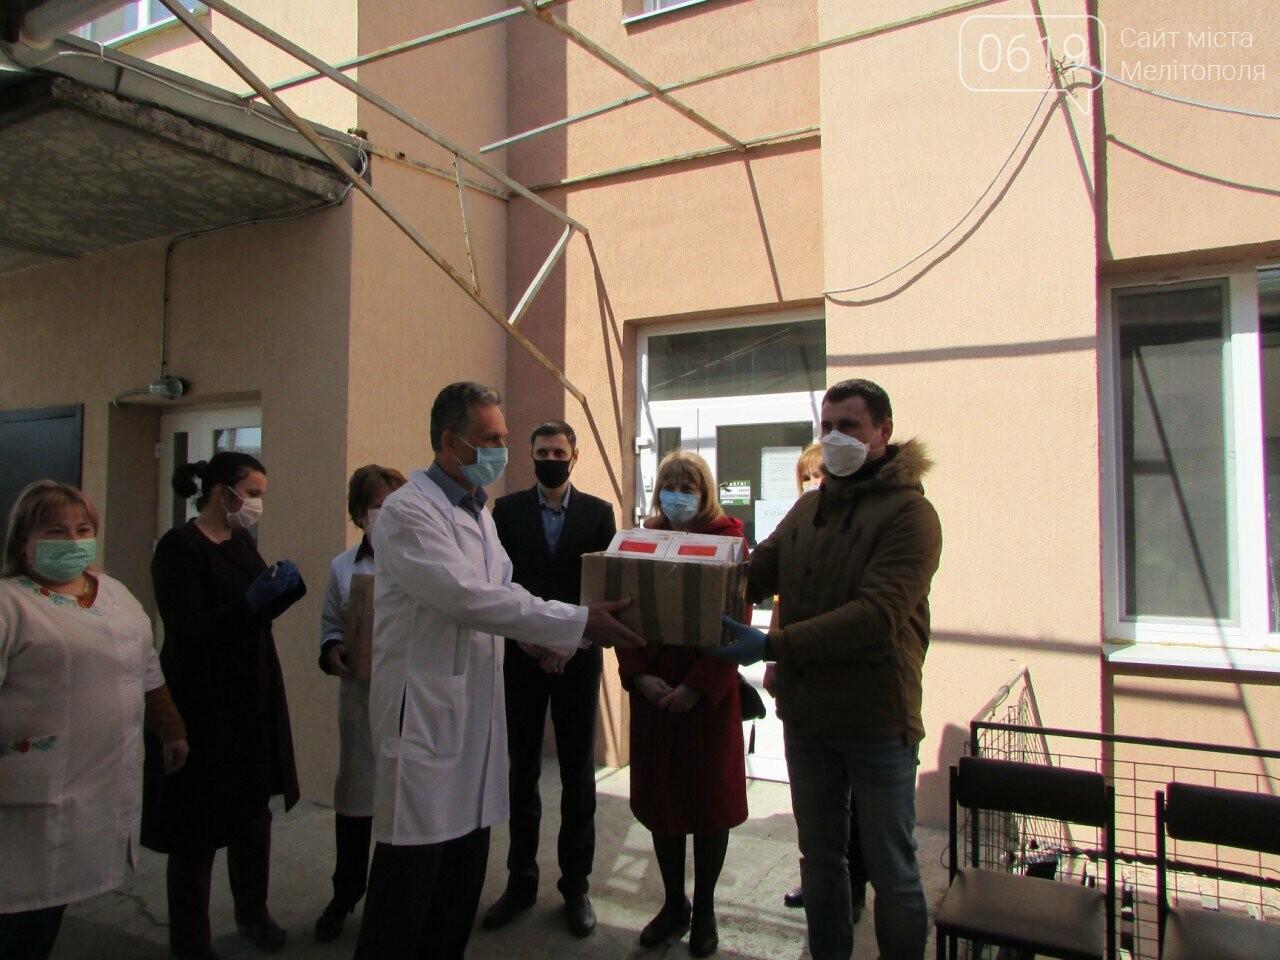 В Мелитополь передадут экспресс-тесты для выявления коронавируса от ДТЭК ВИЭ и Фонда Рината Ахметова, фото-1